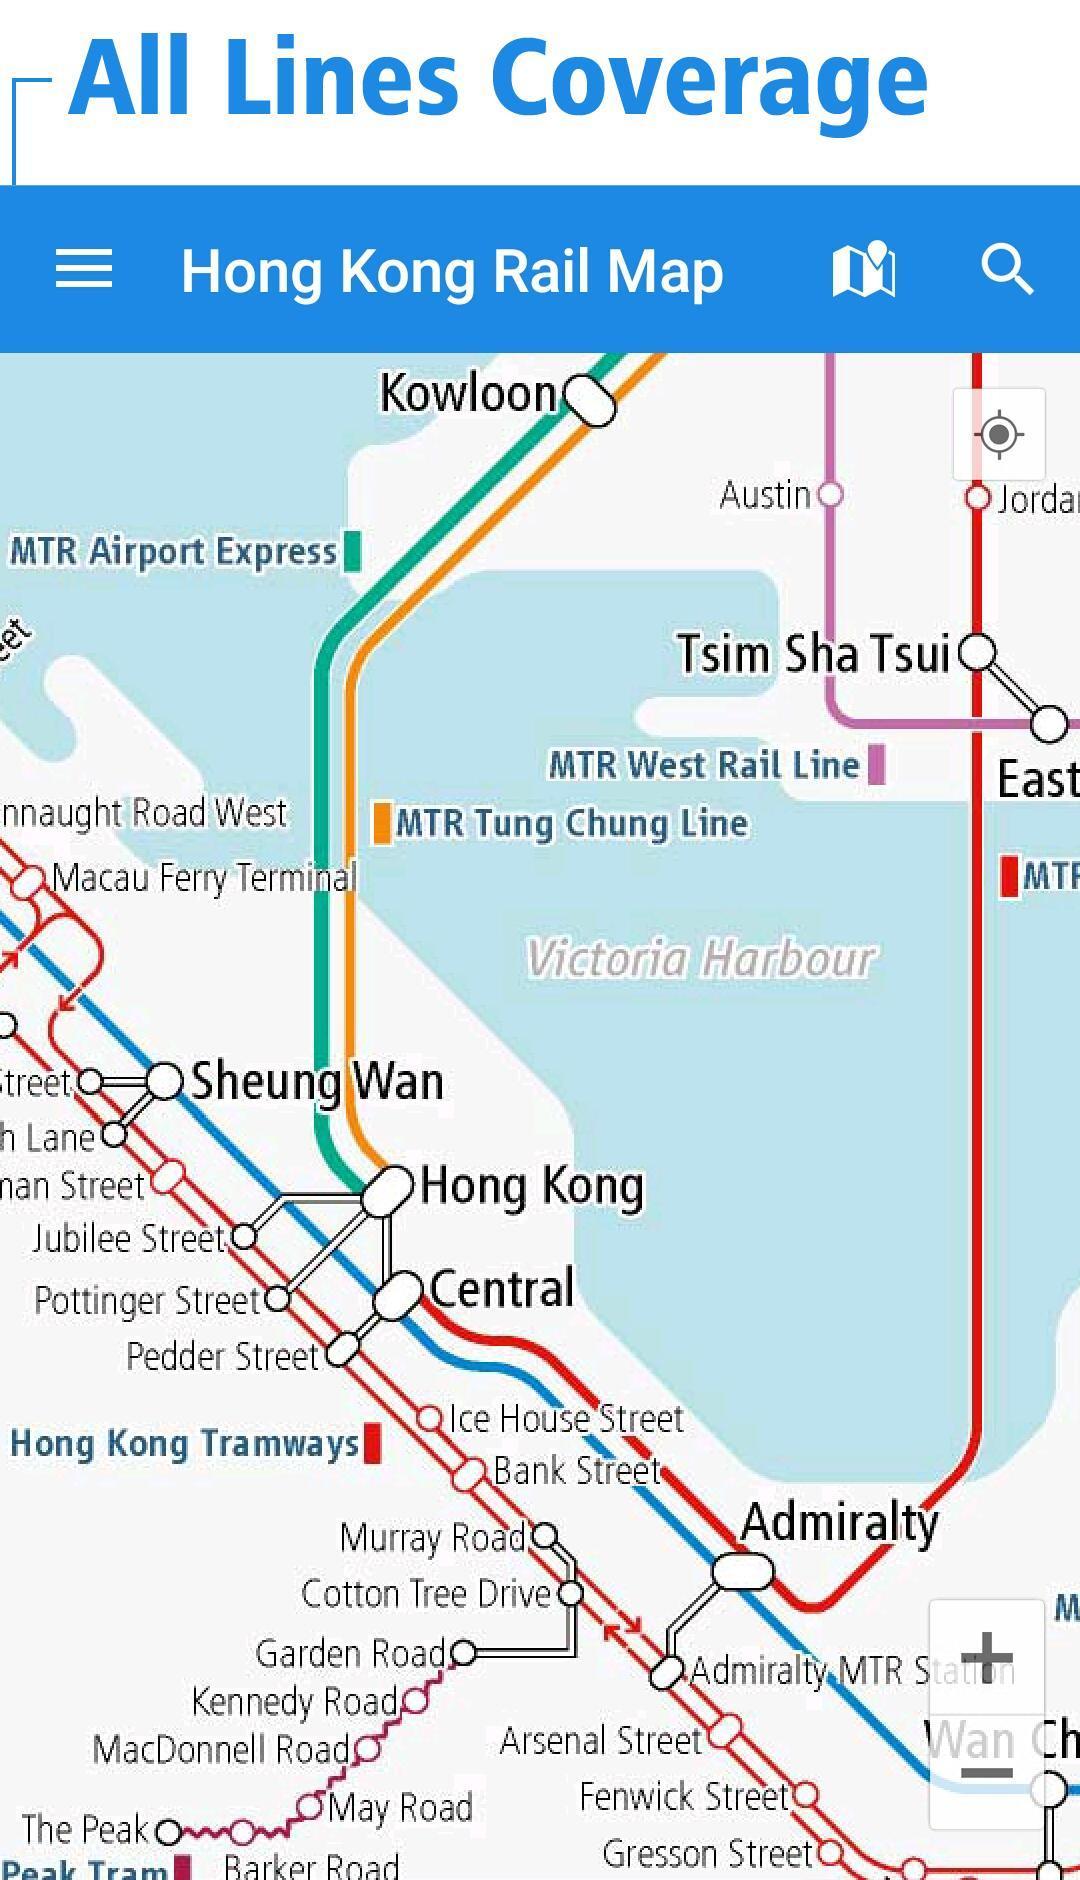 Hong Kong Subway Map Download.Hong Kong Rail Map For Android Apk Download